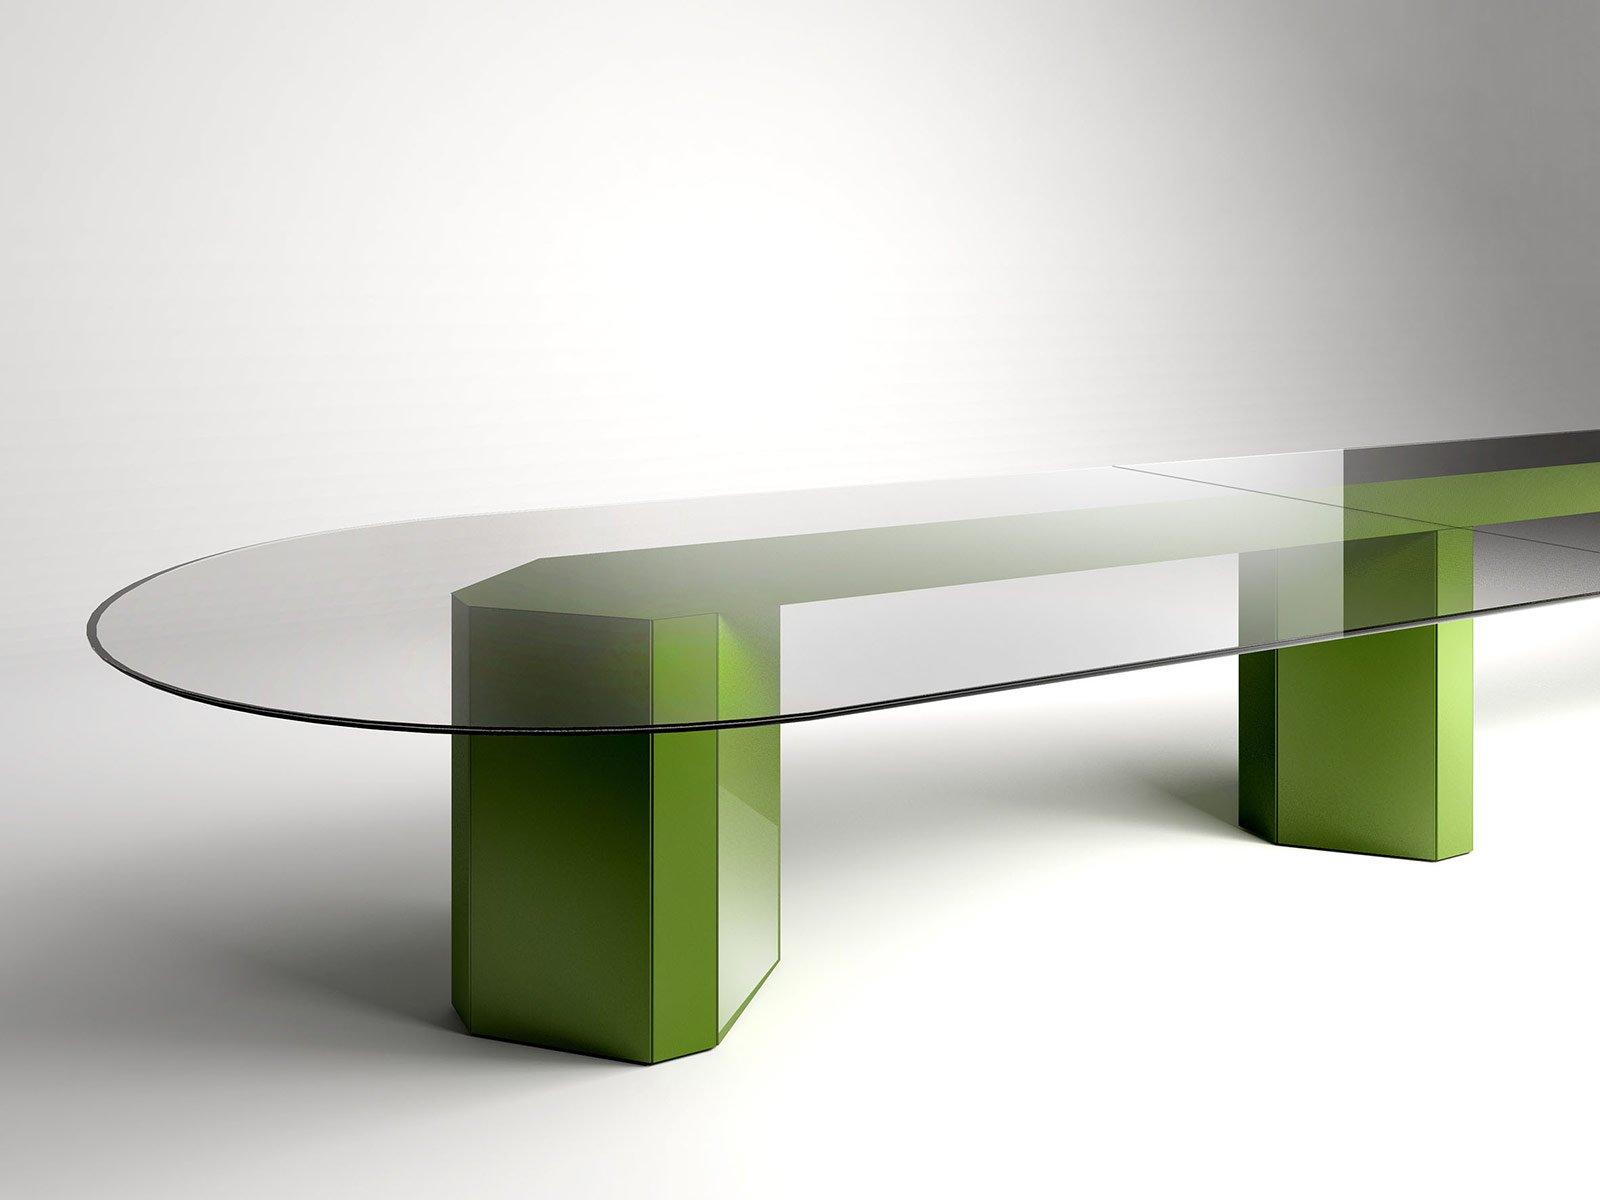 Salone del mobile 2014 il tavolo giovane si veste di - Tavoli gallotti e radice ...